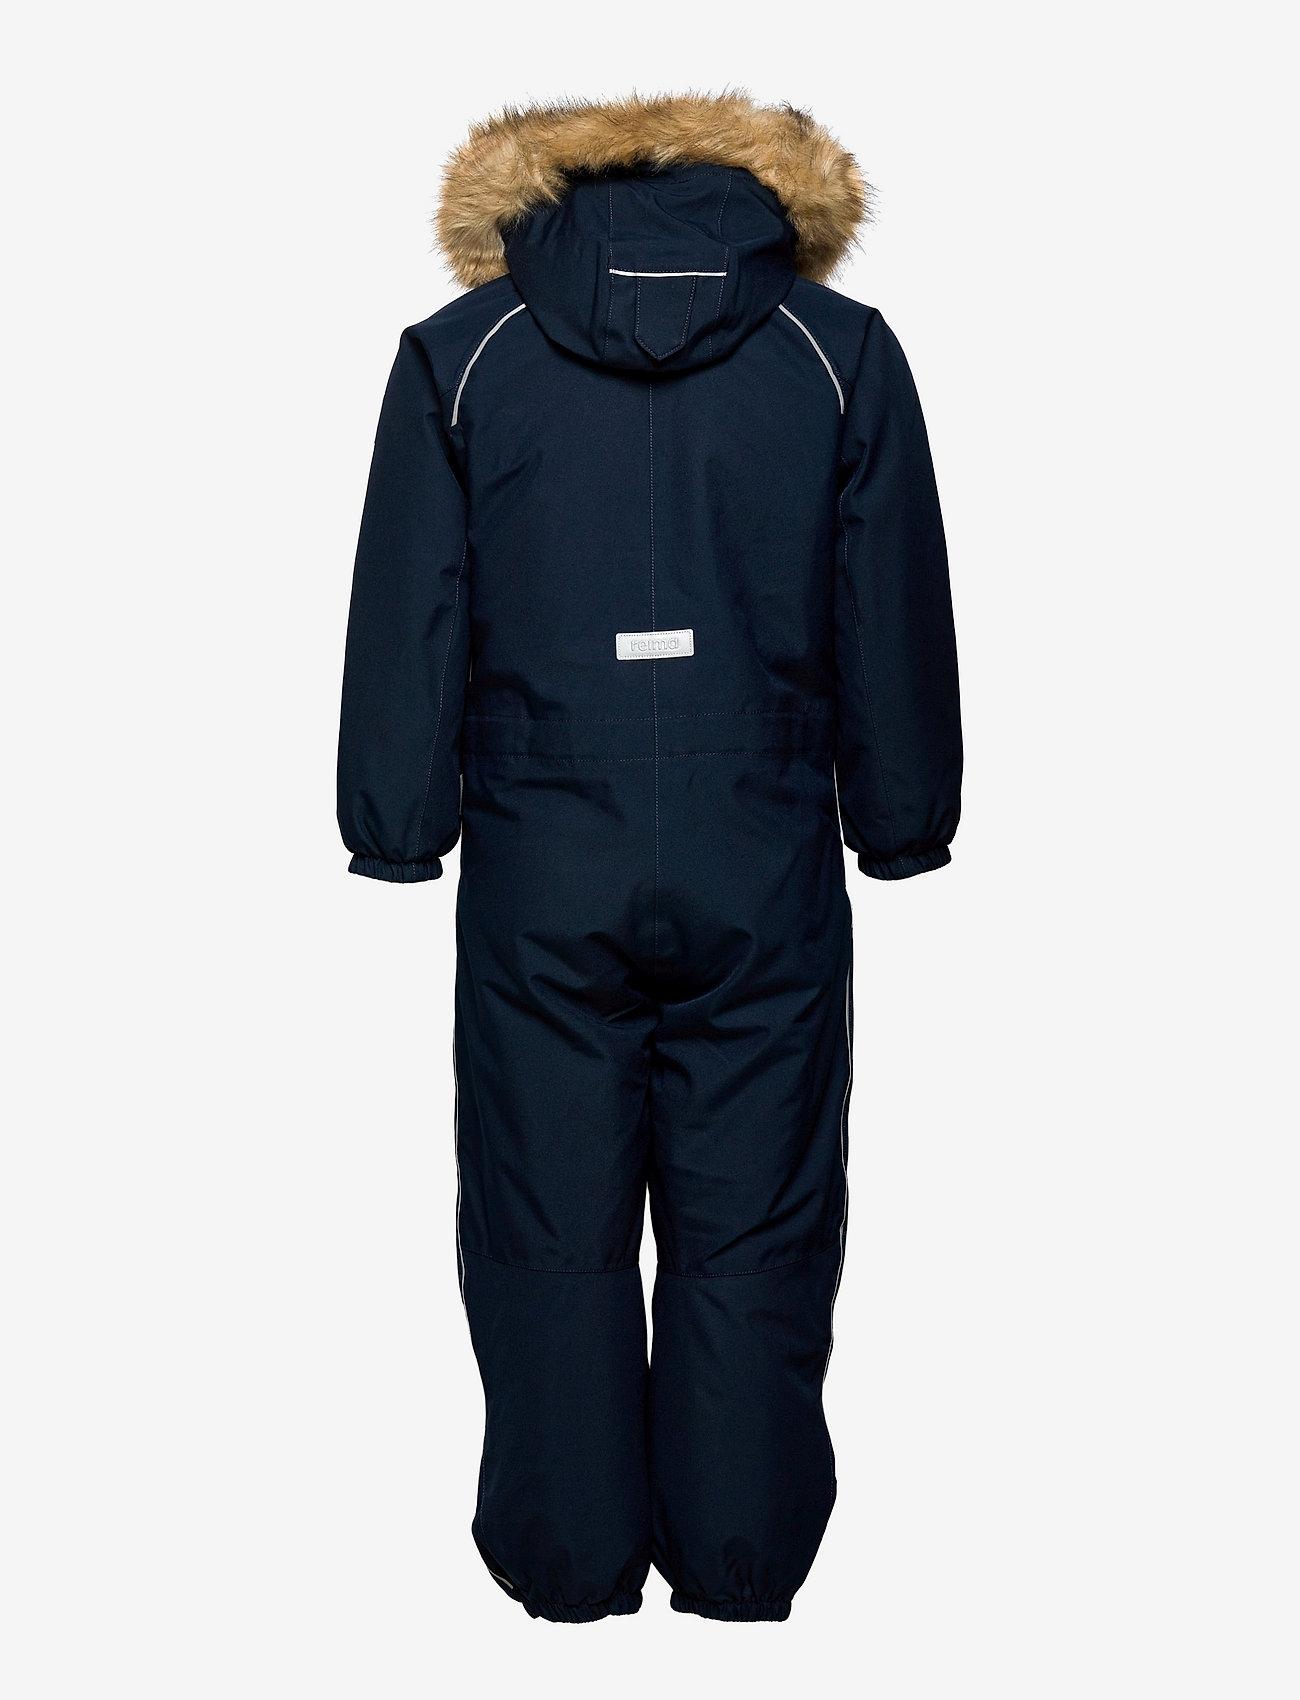 Reima - Trondheim - snowsuit - navy - 1